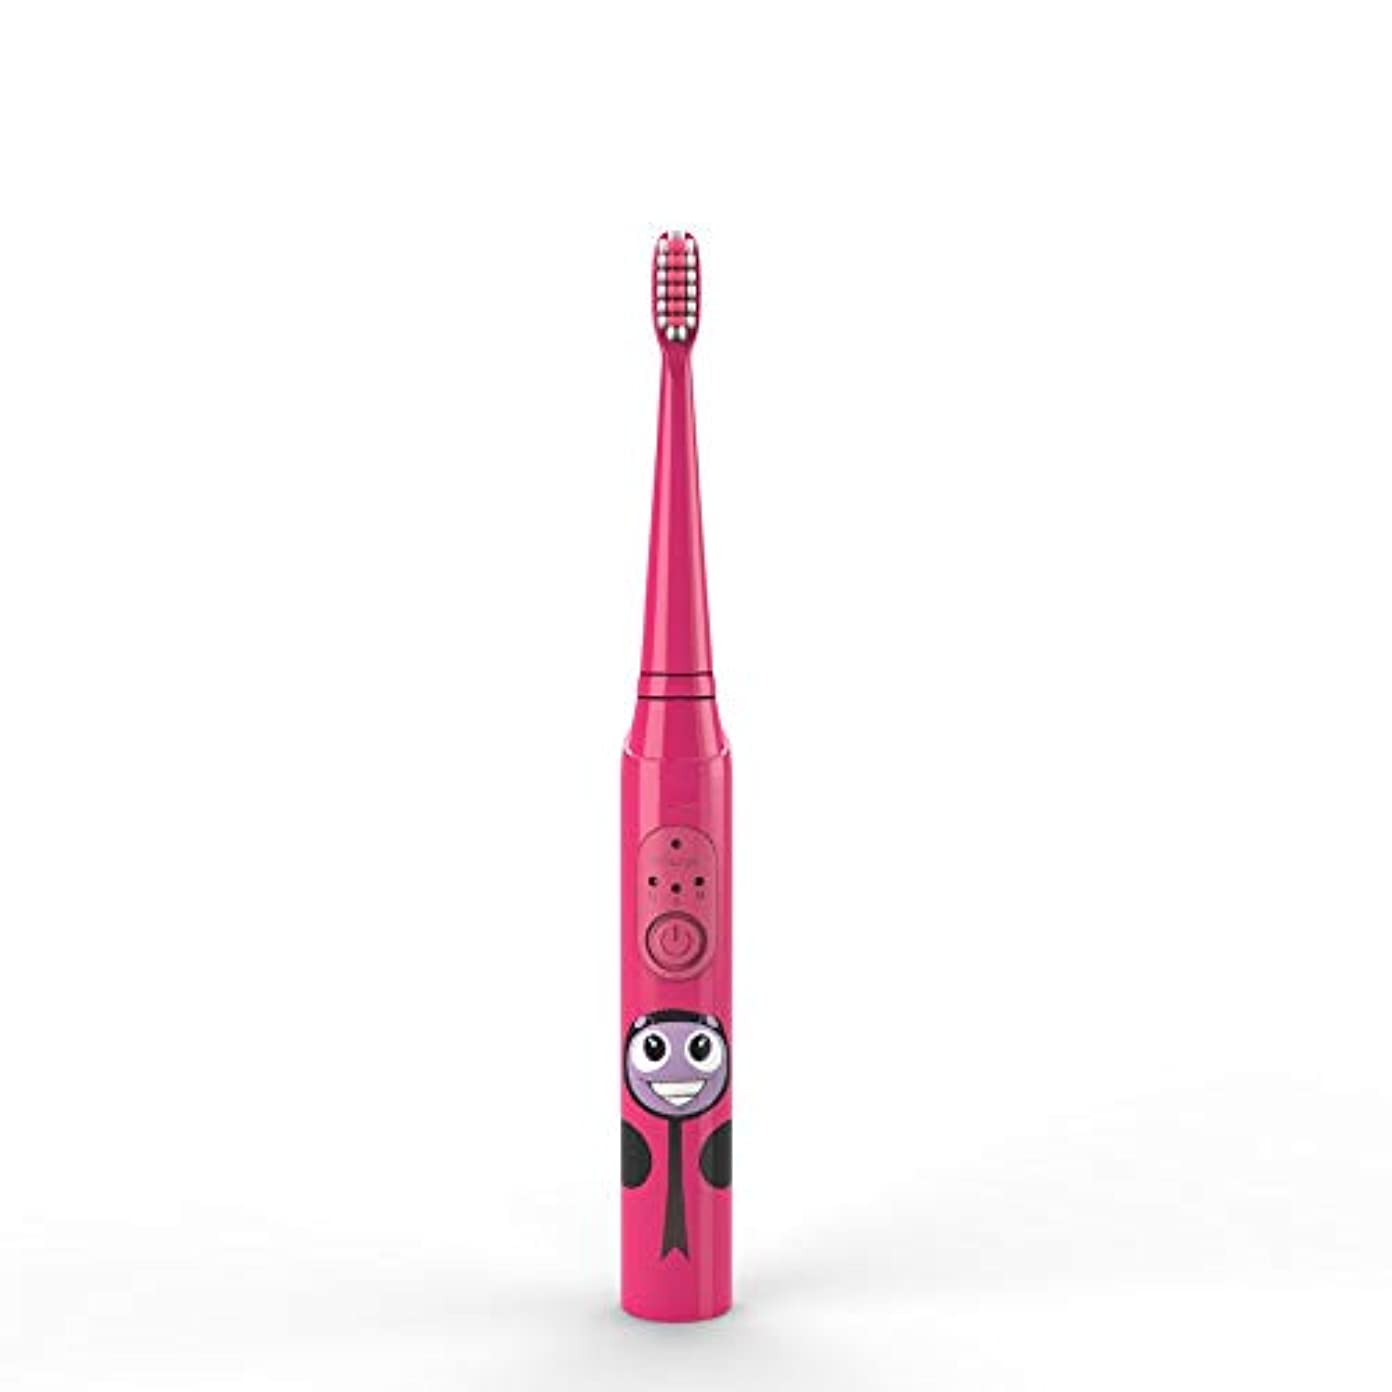 柔らかい足通行人インスタンス電動歯ブラシ 子供の電動歯ブラシUSB充電式保護清潔で柔らかい毛の歯ブラシ日常の使用 大人と子供向け (色 : 赤, サイズ : Free size)